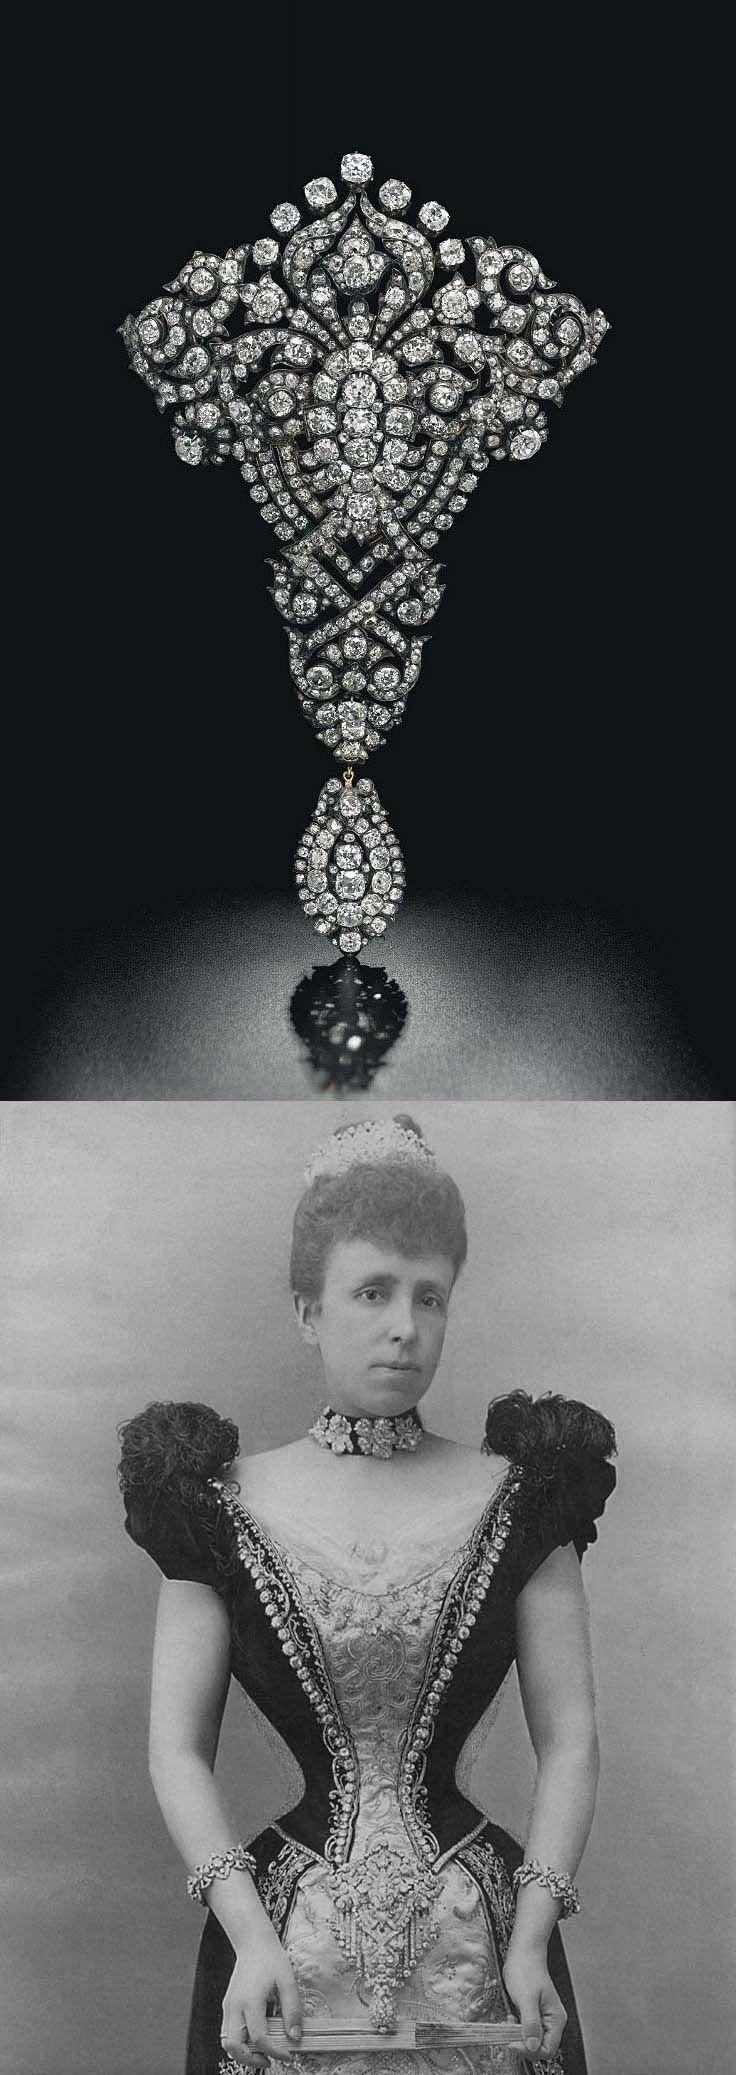 Broche de diamantes con forma de ramillete diseñado como una gran palmeta, montado en plata y oro, 20.0 cm. En 1879, este broche se lo dio como regalo de bodas el rey Alfonso XII de España a su segunda esposa, la archiduquesa María Cristina de Austria.